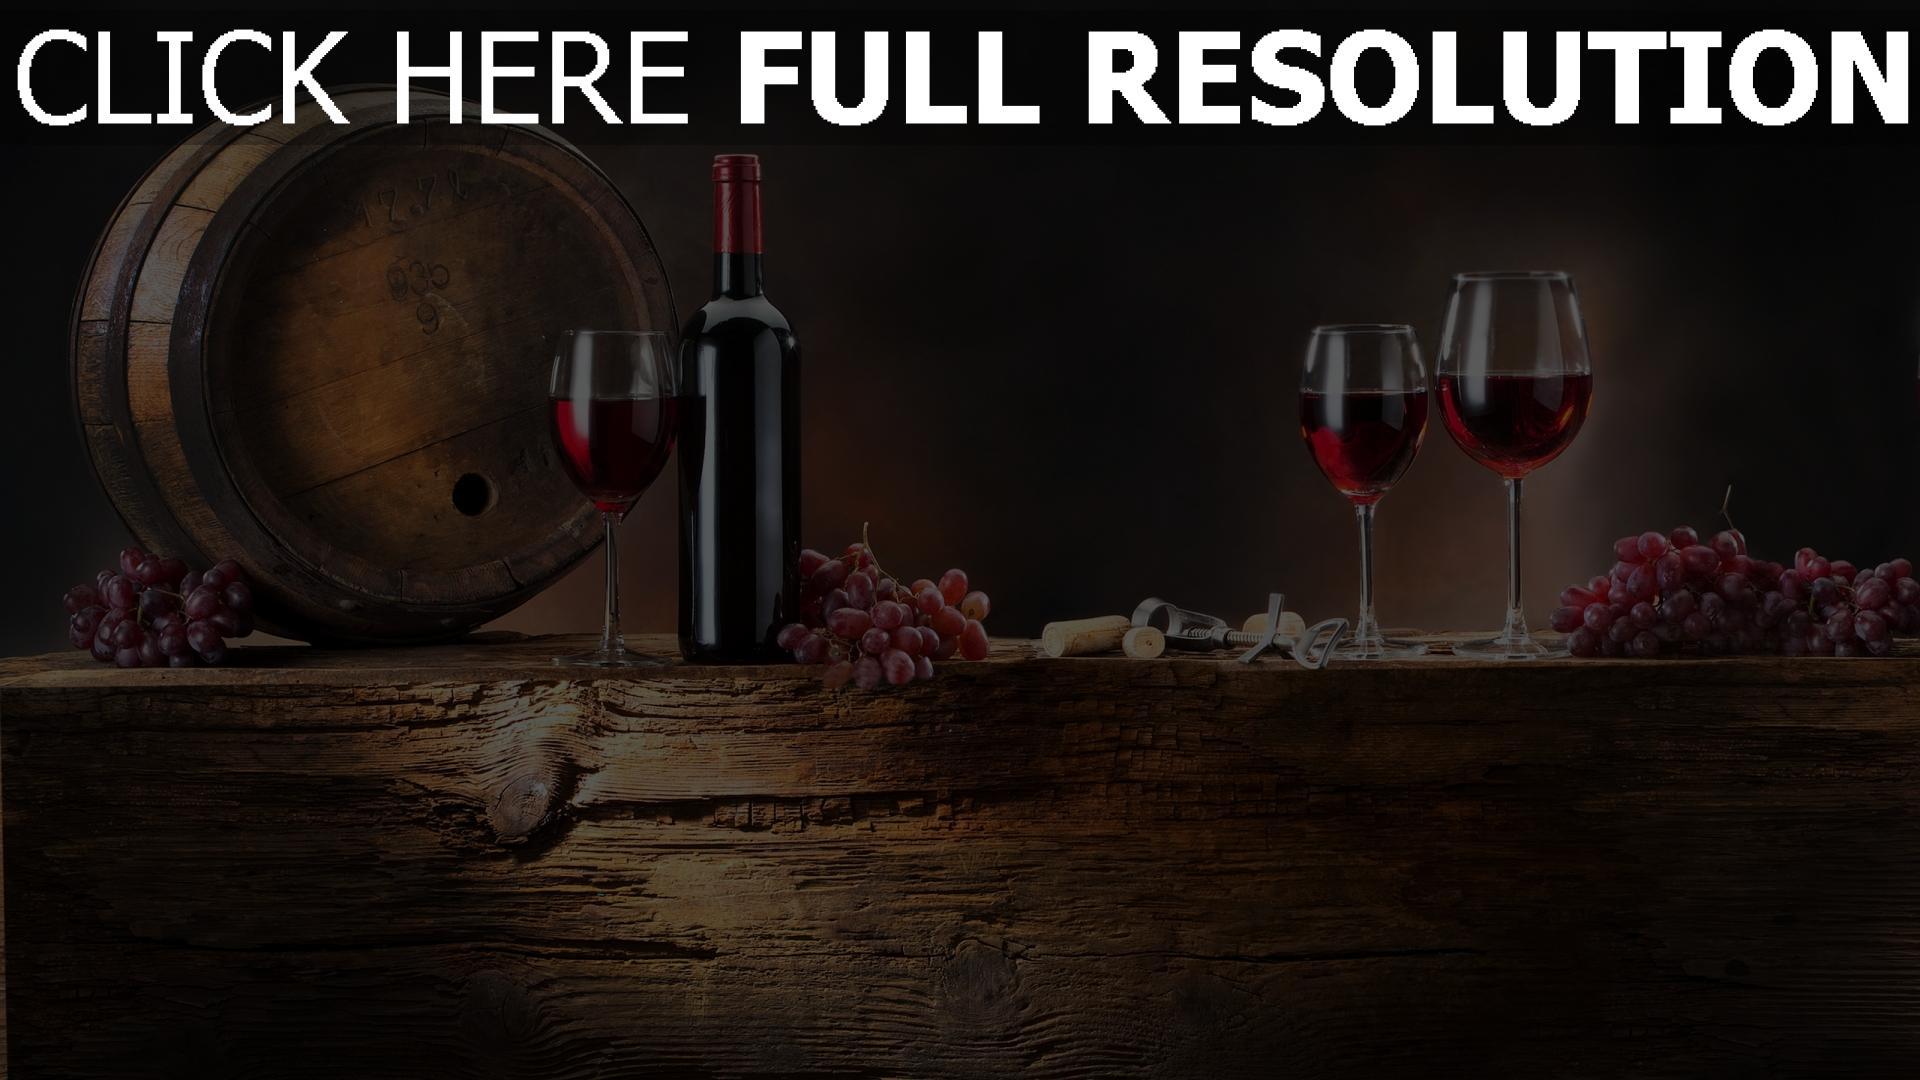 fond d'écran 1920x1080 vin verre verre bouteille nature morte